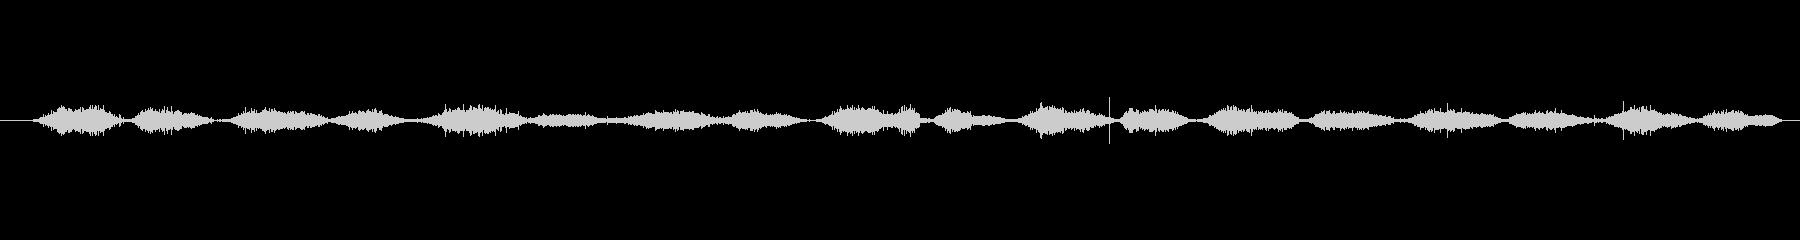 バルーン スクラブヘア01の未再生の波形